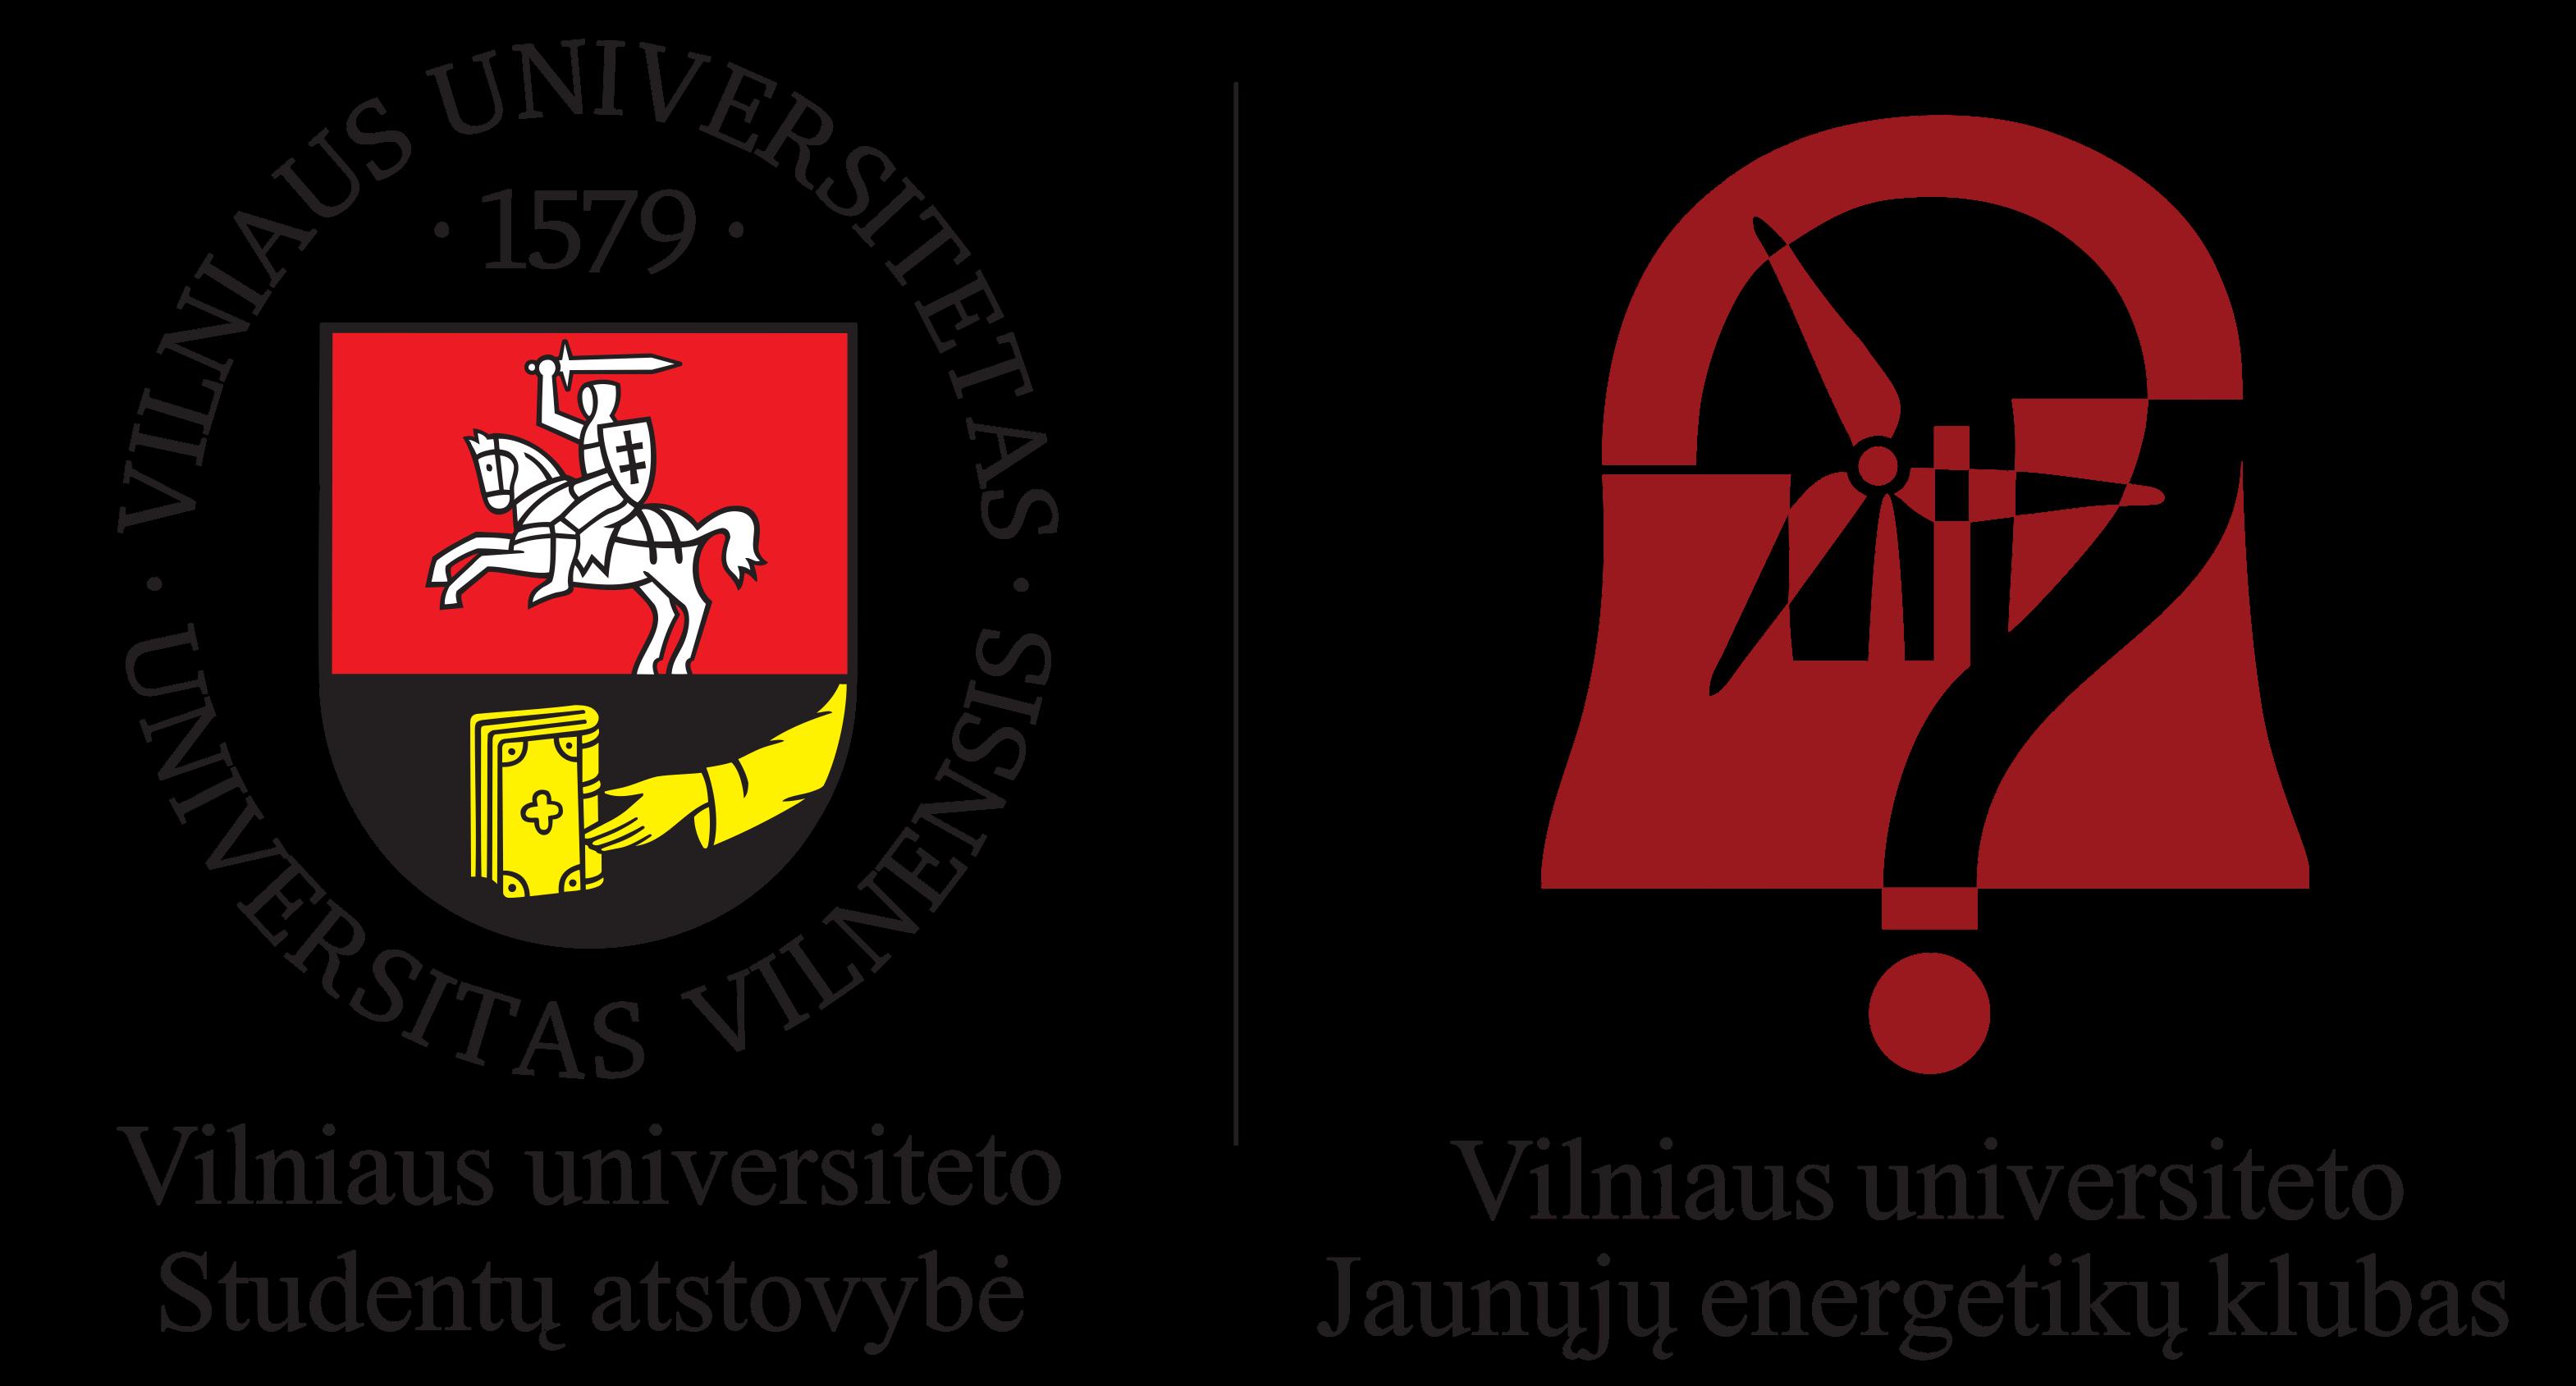 Jaunųjų energetikų klubas